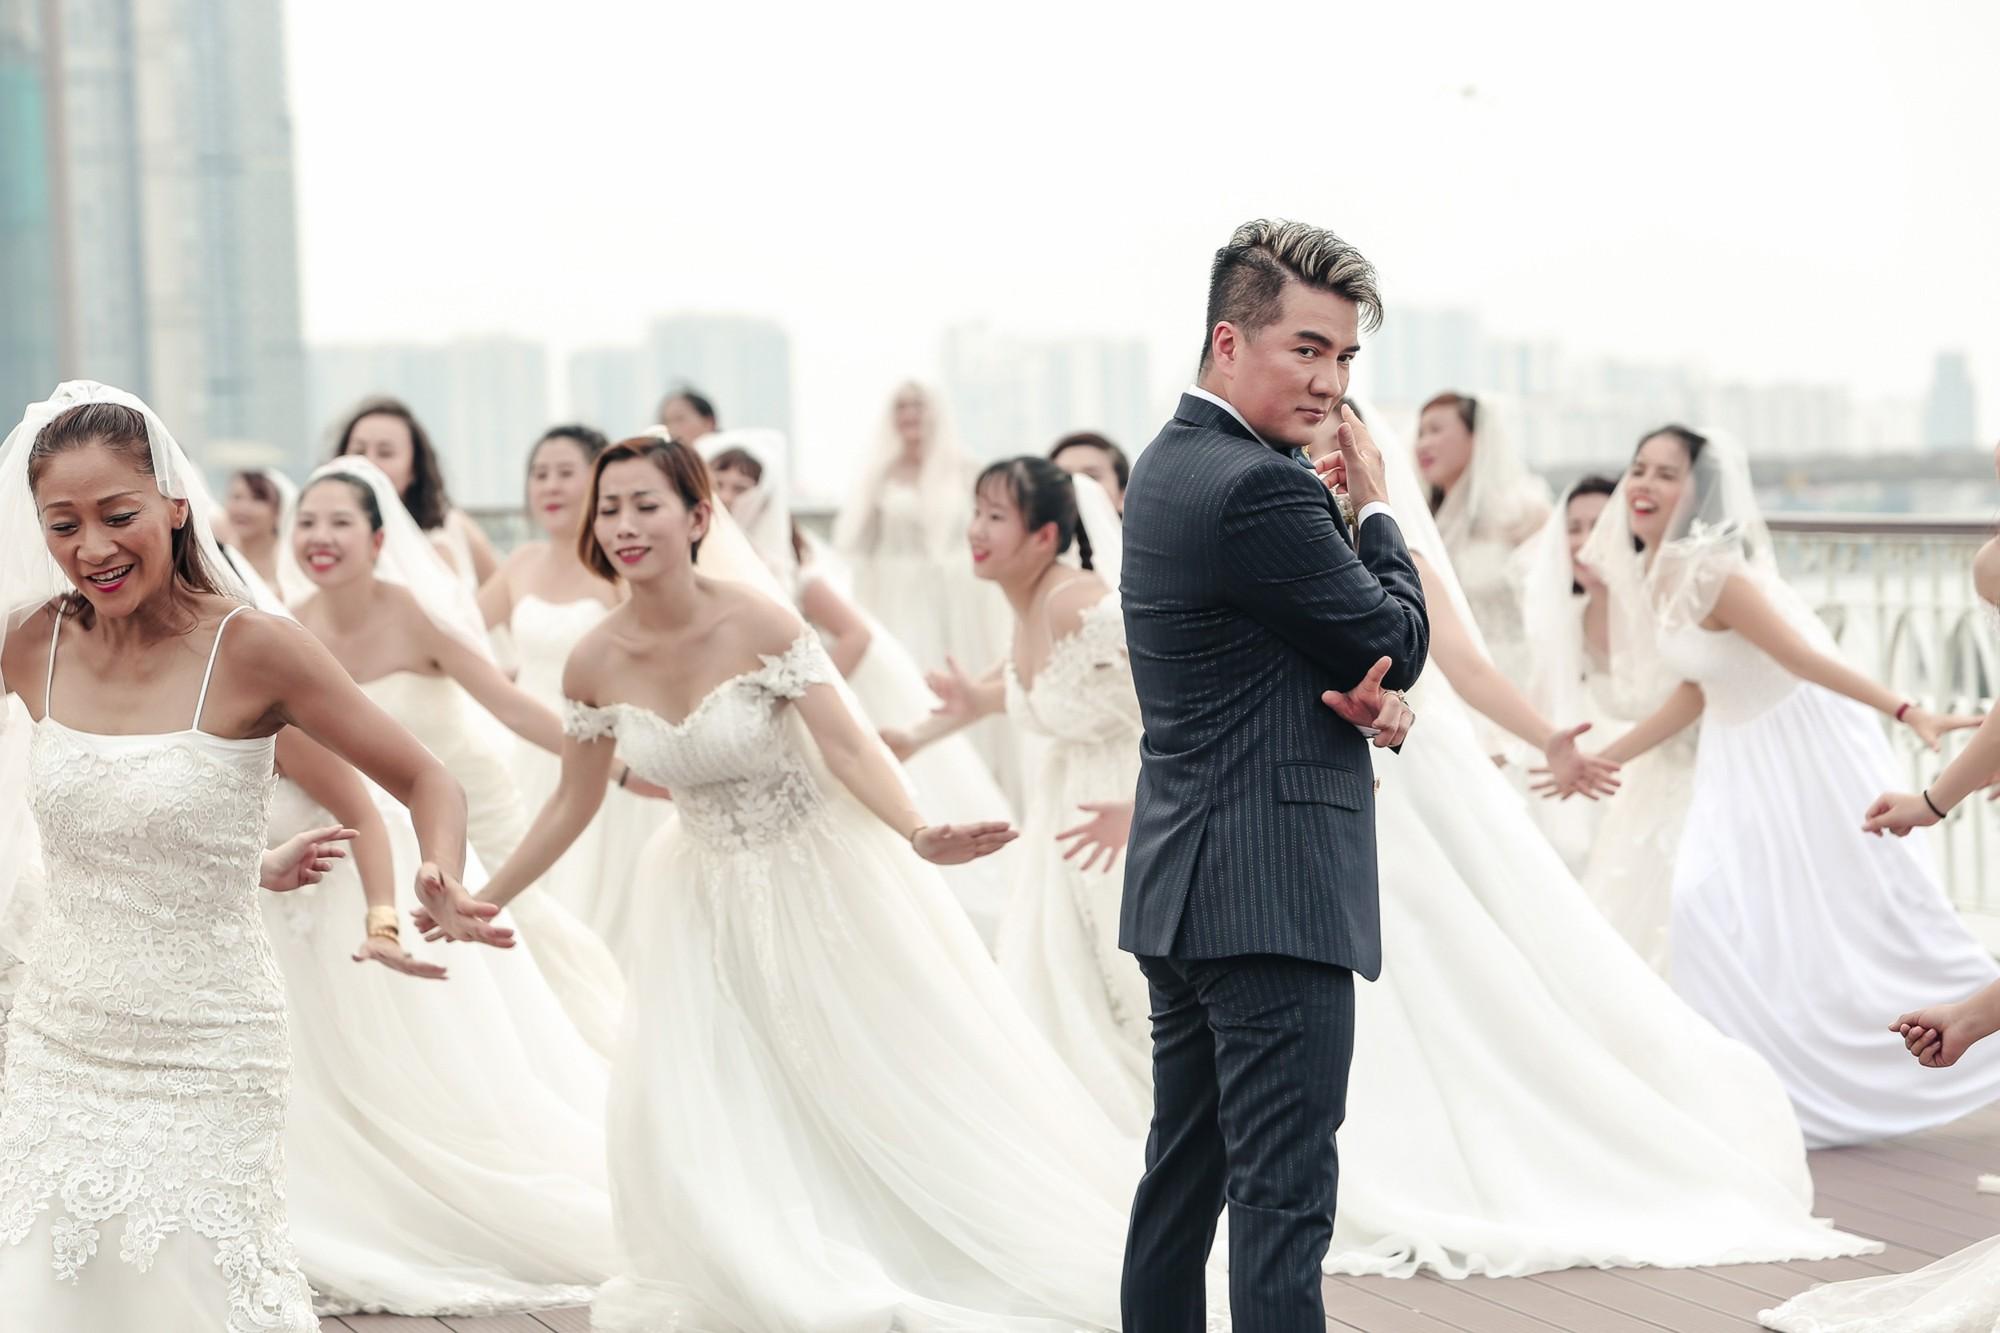 Đàm Vĩnh Hưng chụp ảnh cưới với 50 cô dâu trên boong tàu hạng sang  - Ảnh 4.